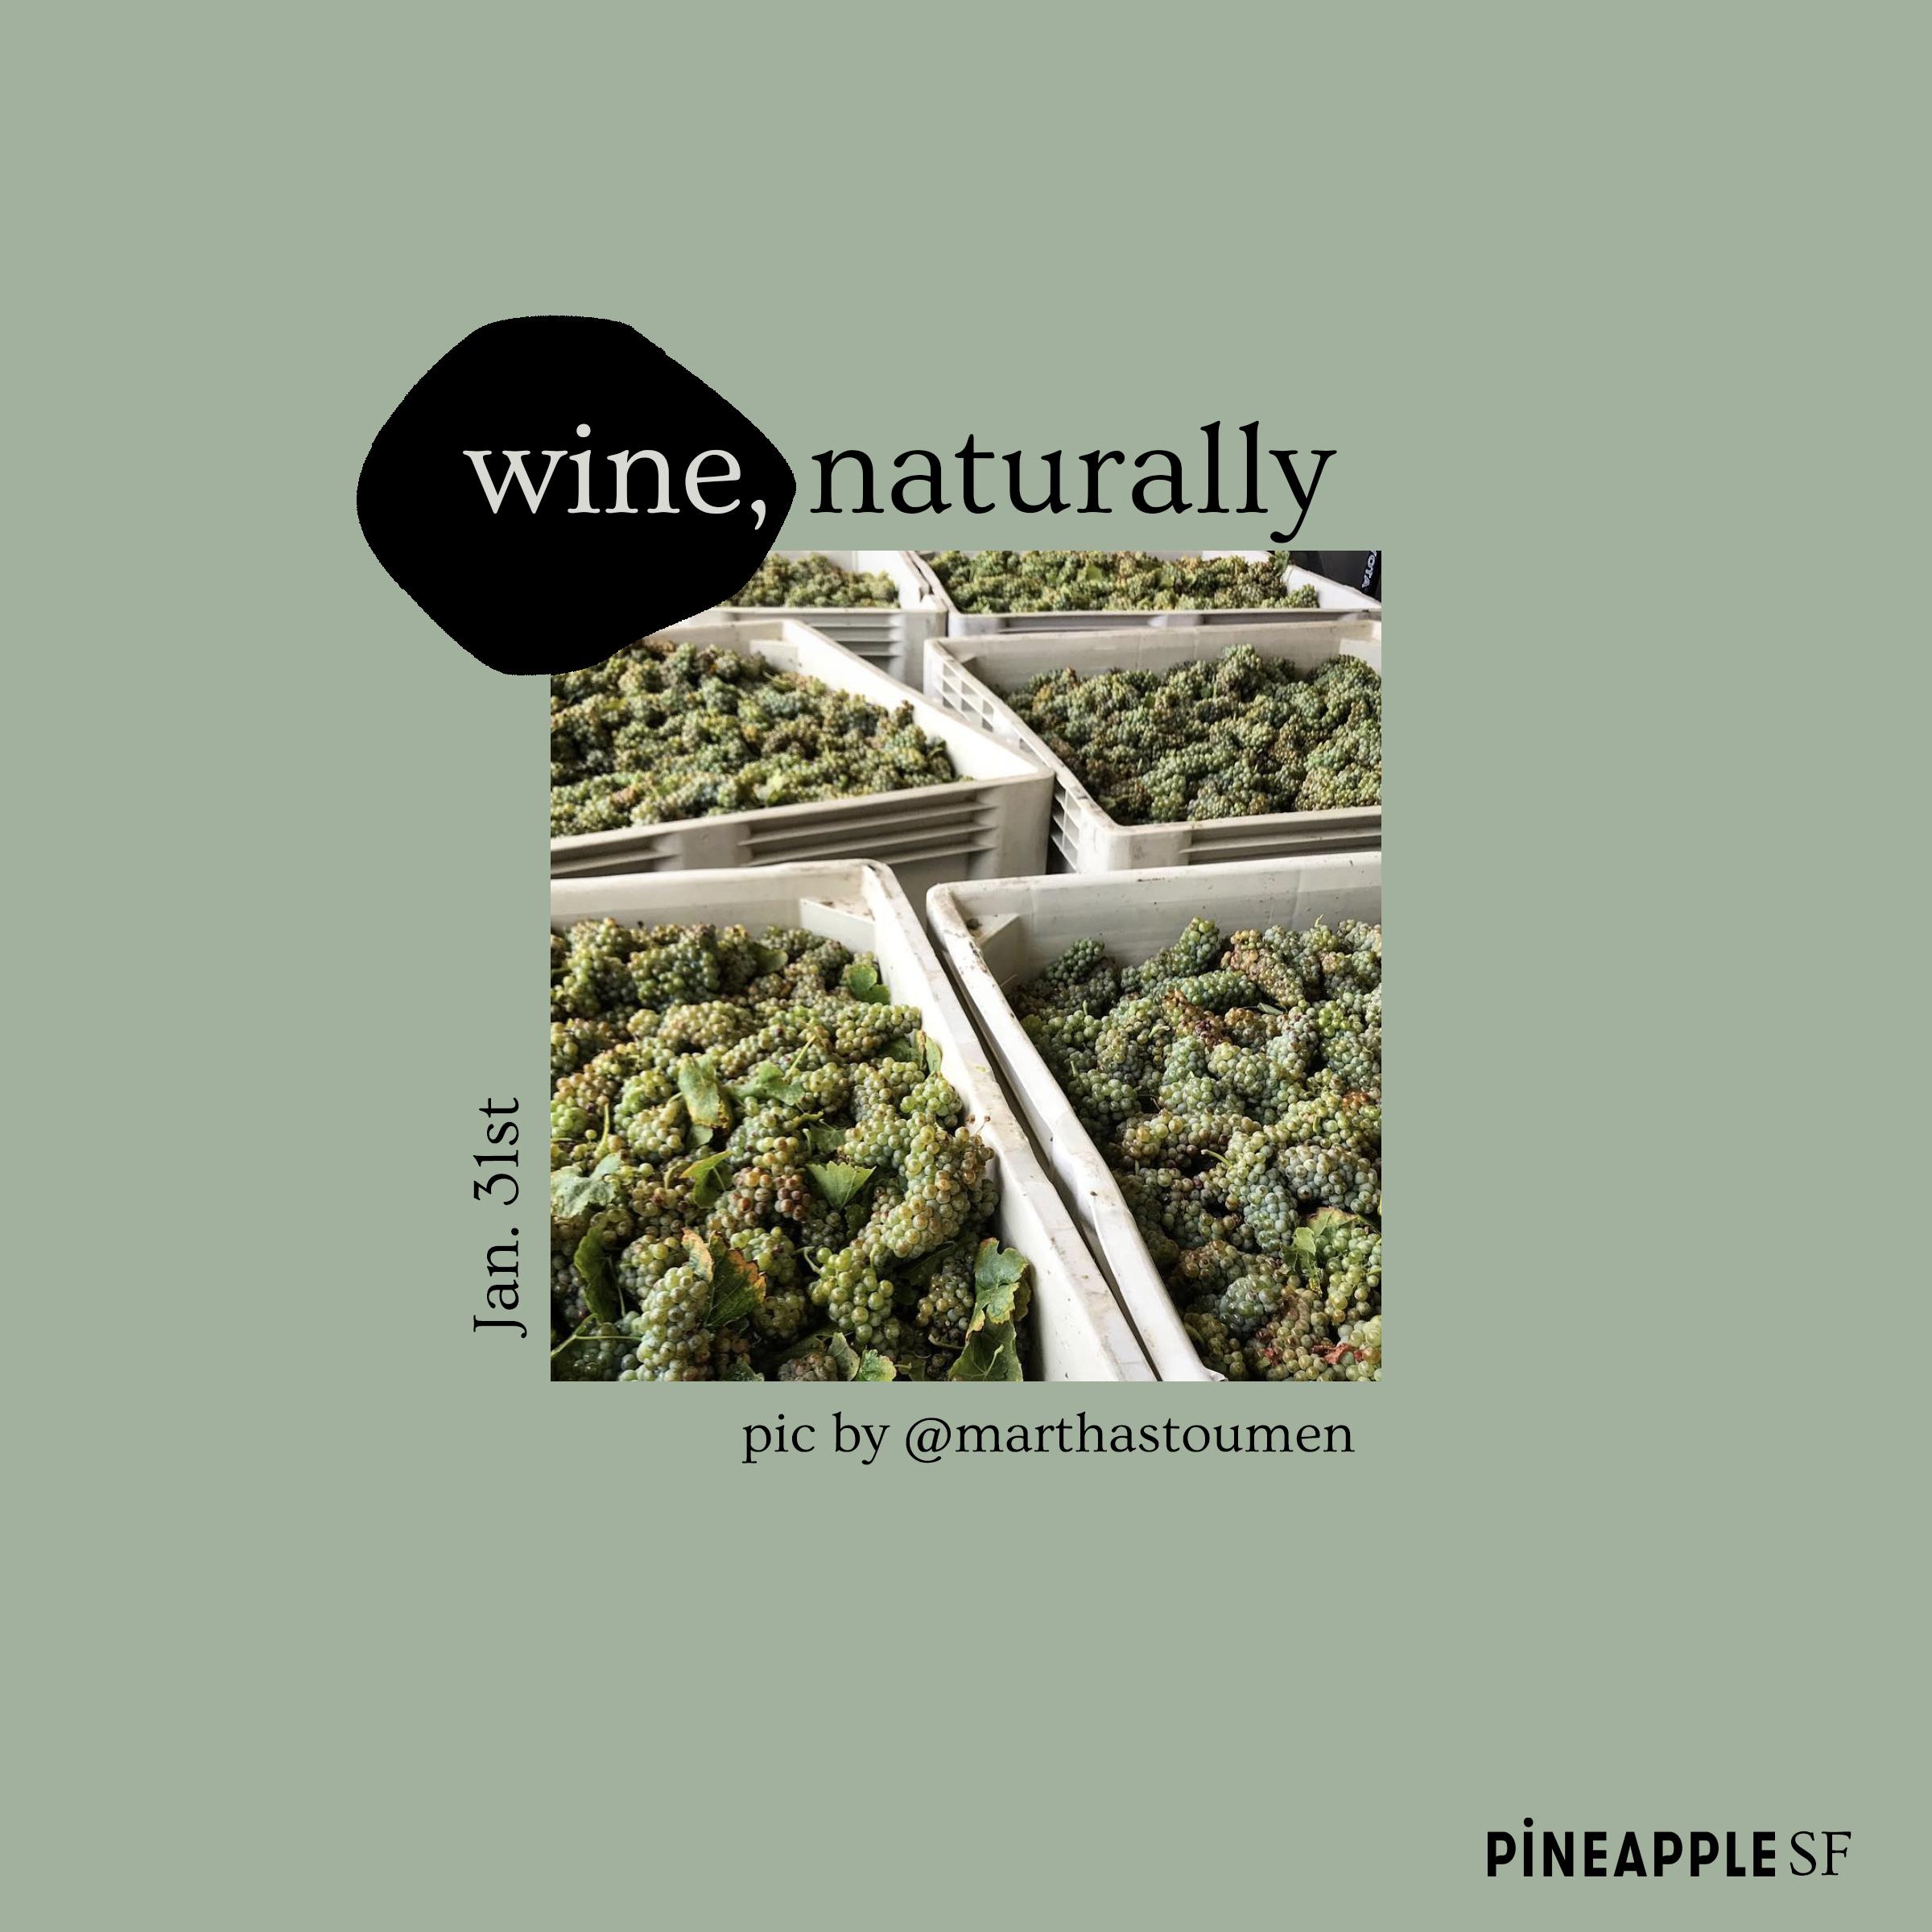 wine,naturally